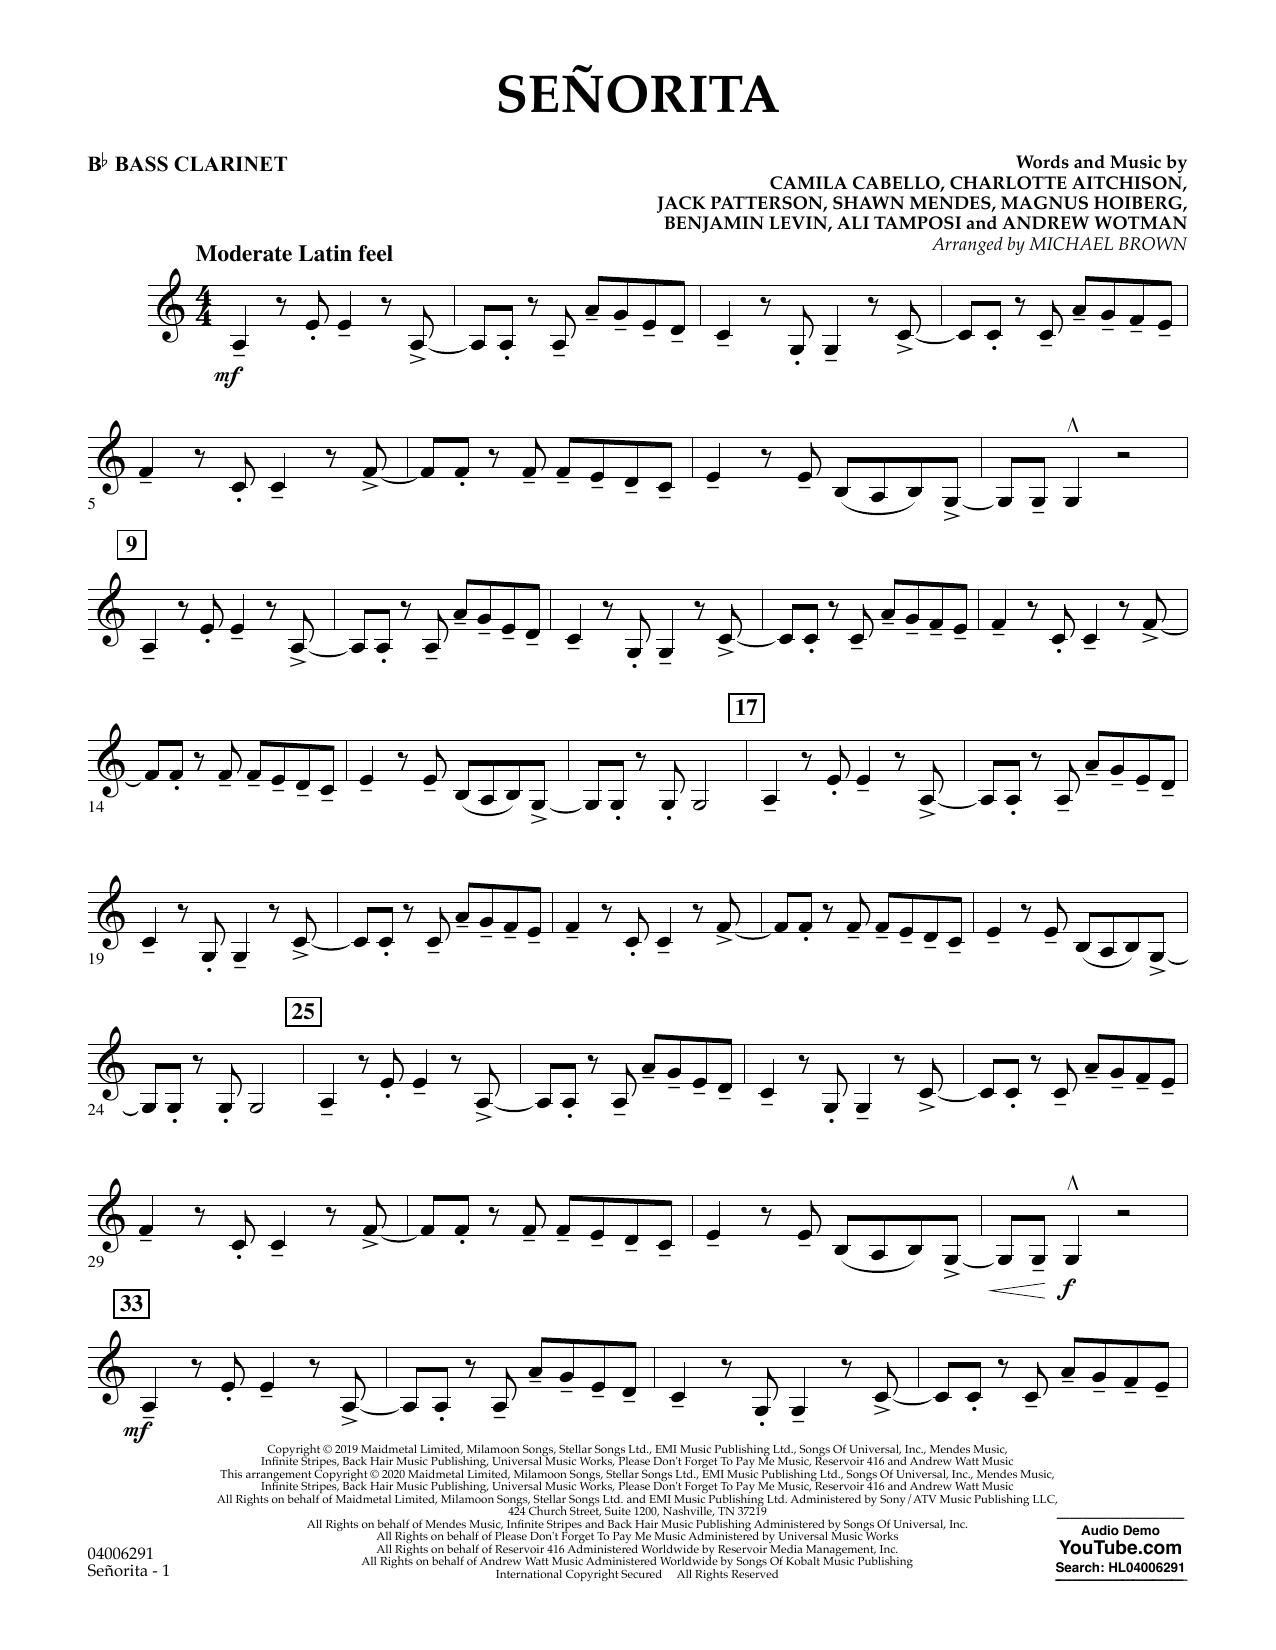 Señorita (arr. Michael Brown) - Bb Bass Clarinet (Concert Band)